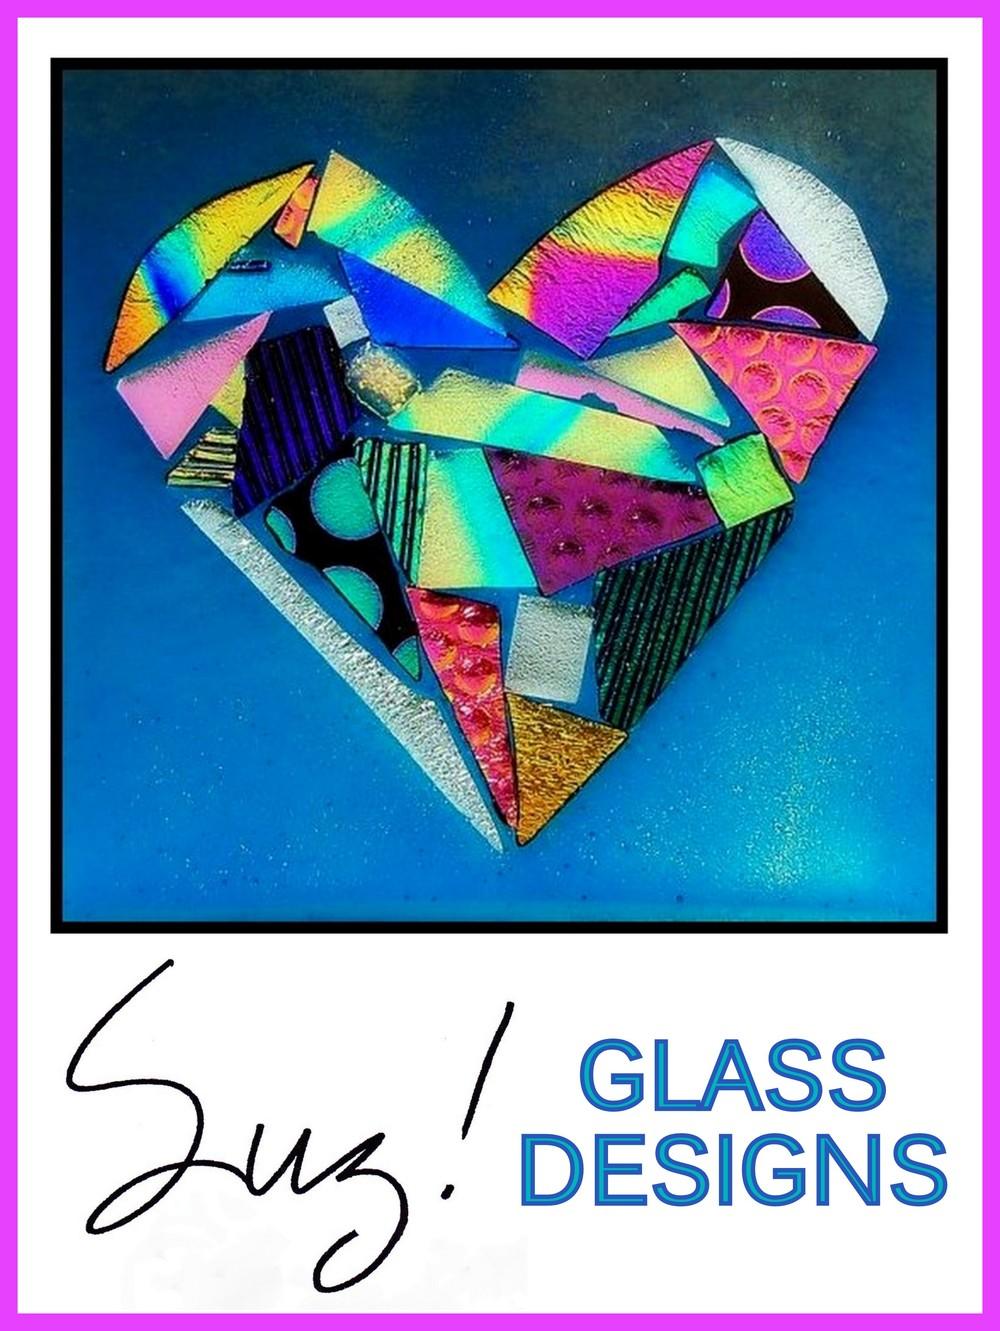 suz! glass Susan Mole logo.jpg